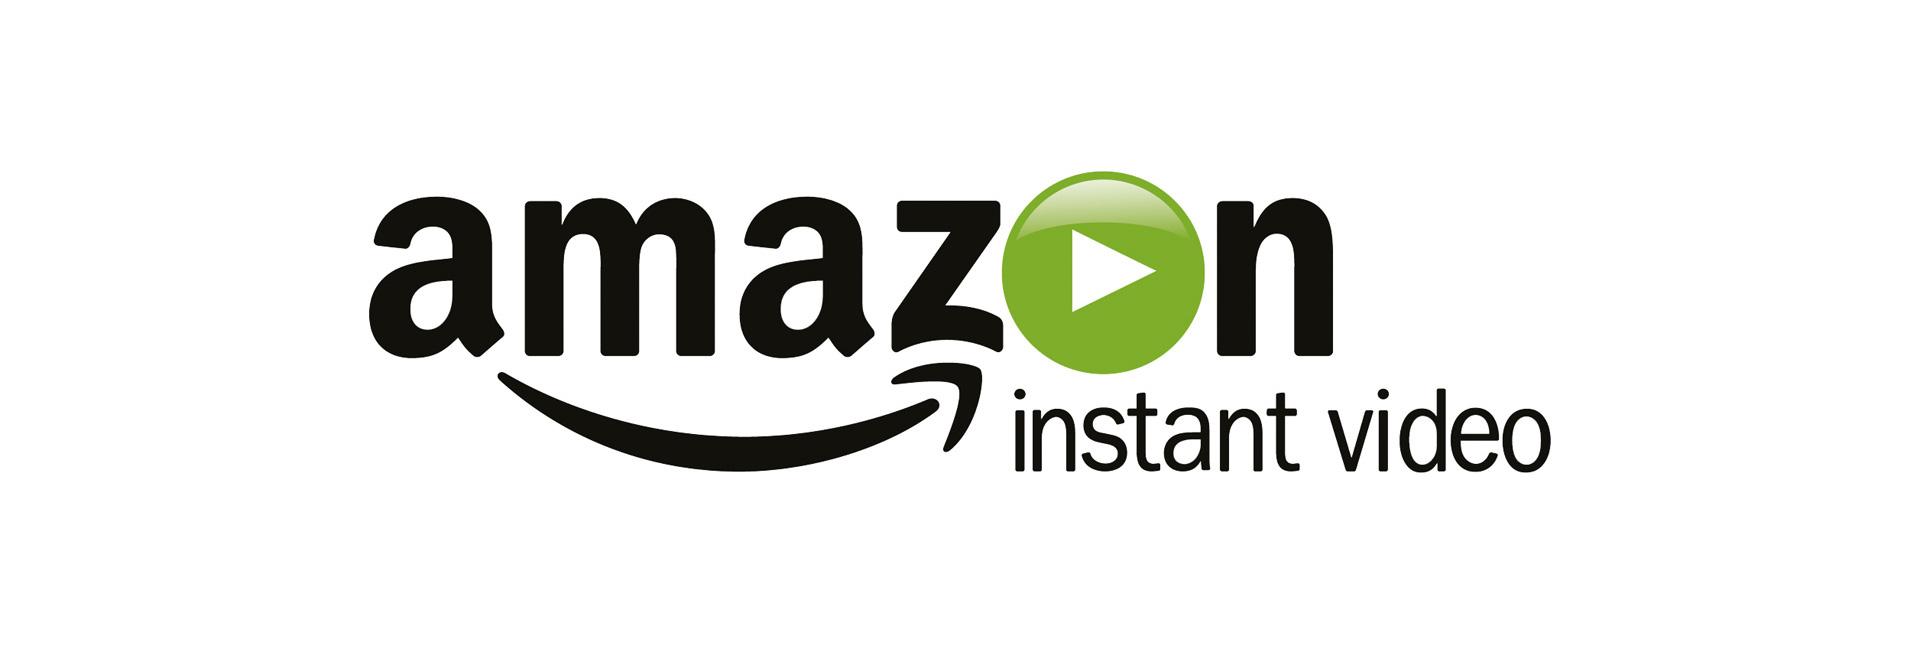 amazon prime instant video auf sd karte speichern zum behalten